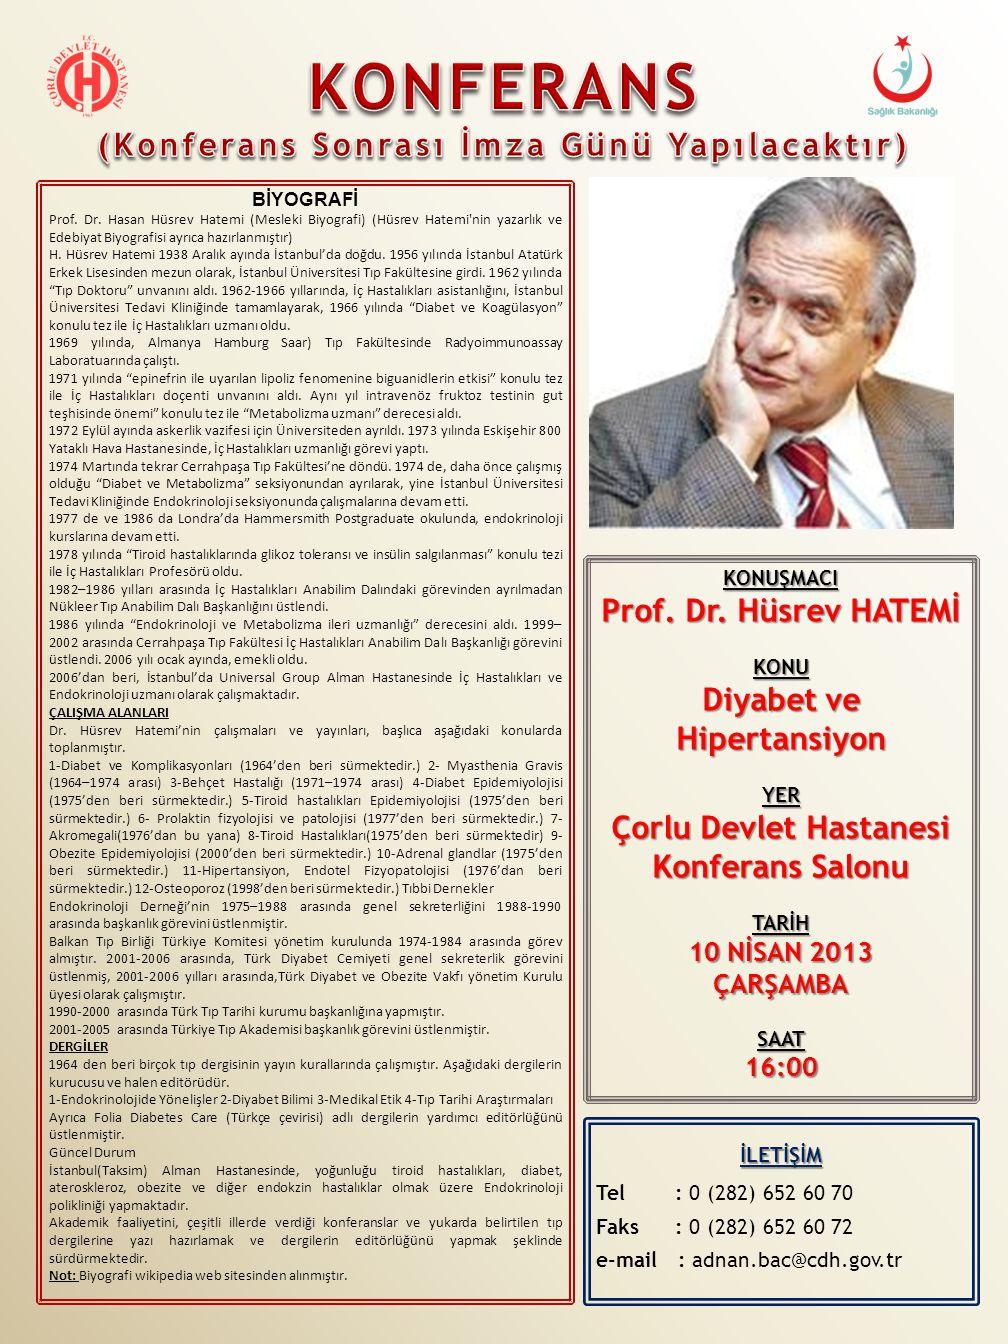 KONUŞMACI Prof. Dr. Hüsrev HATEMİ KONU Diyabet ve Hipertansiyon YER Çorlu Devlet Hastanesi Konferans Salonu TARİH 10 NİSAN 2013 ÇARŞAMBASAAT16:00 BİYO